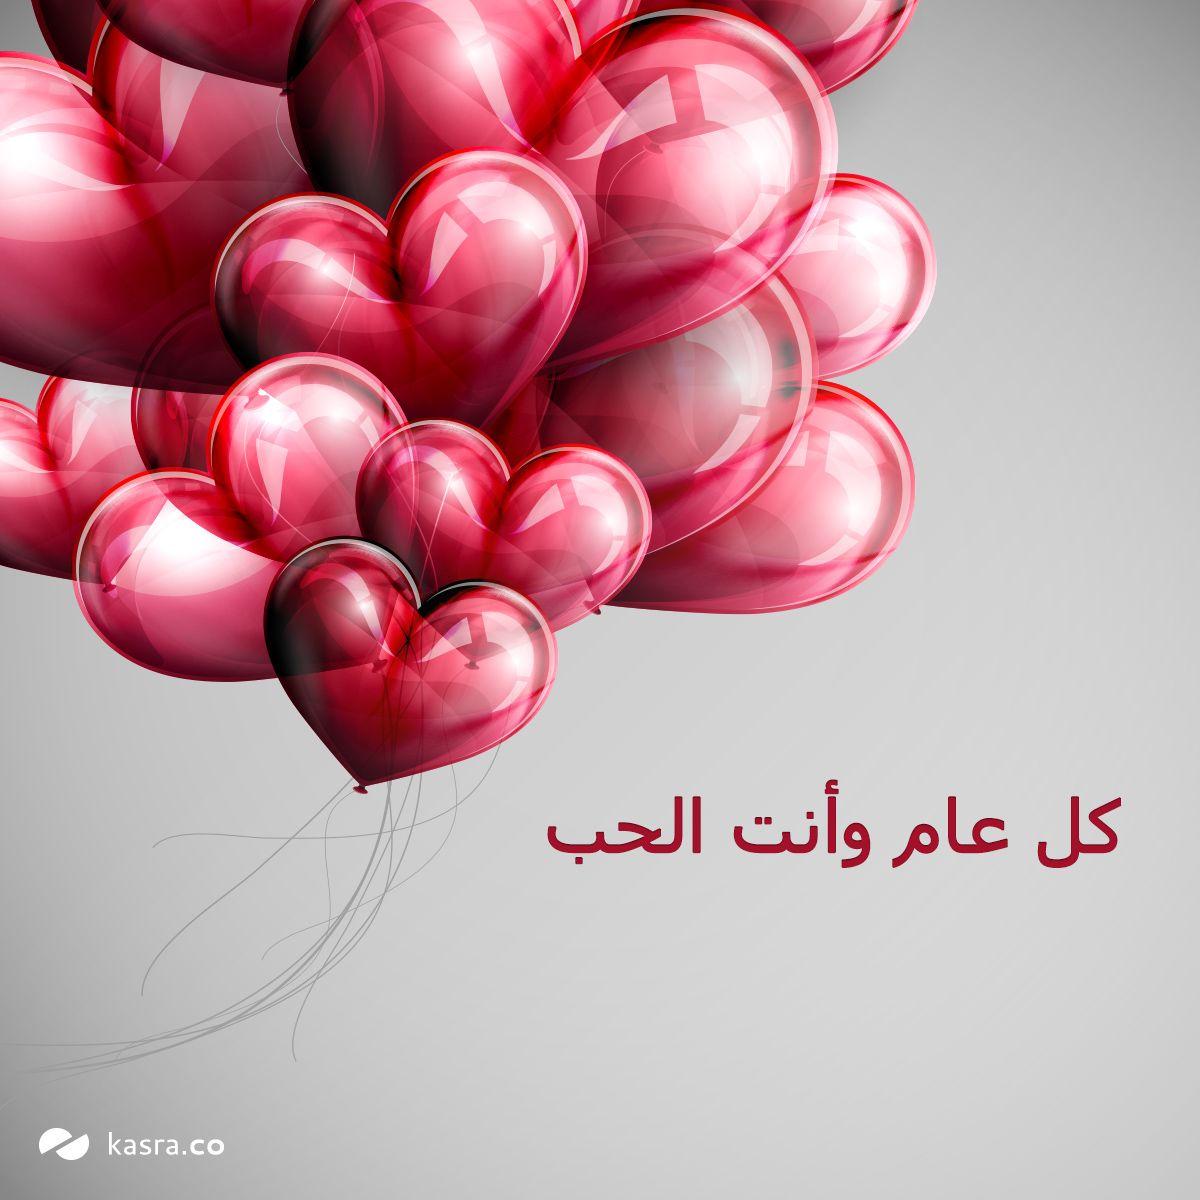 بطاقة عيد الحب كل عام وأنت الحب Valentine Background Vector Free Holiday Illustrations